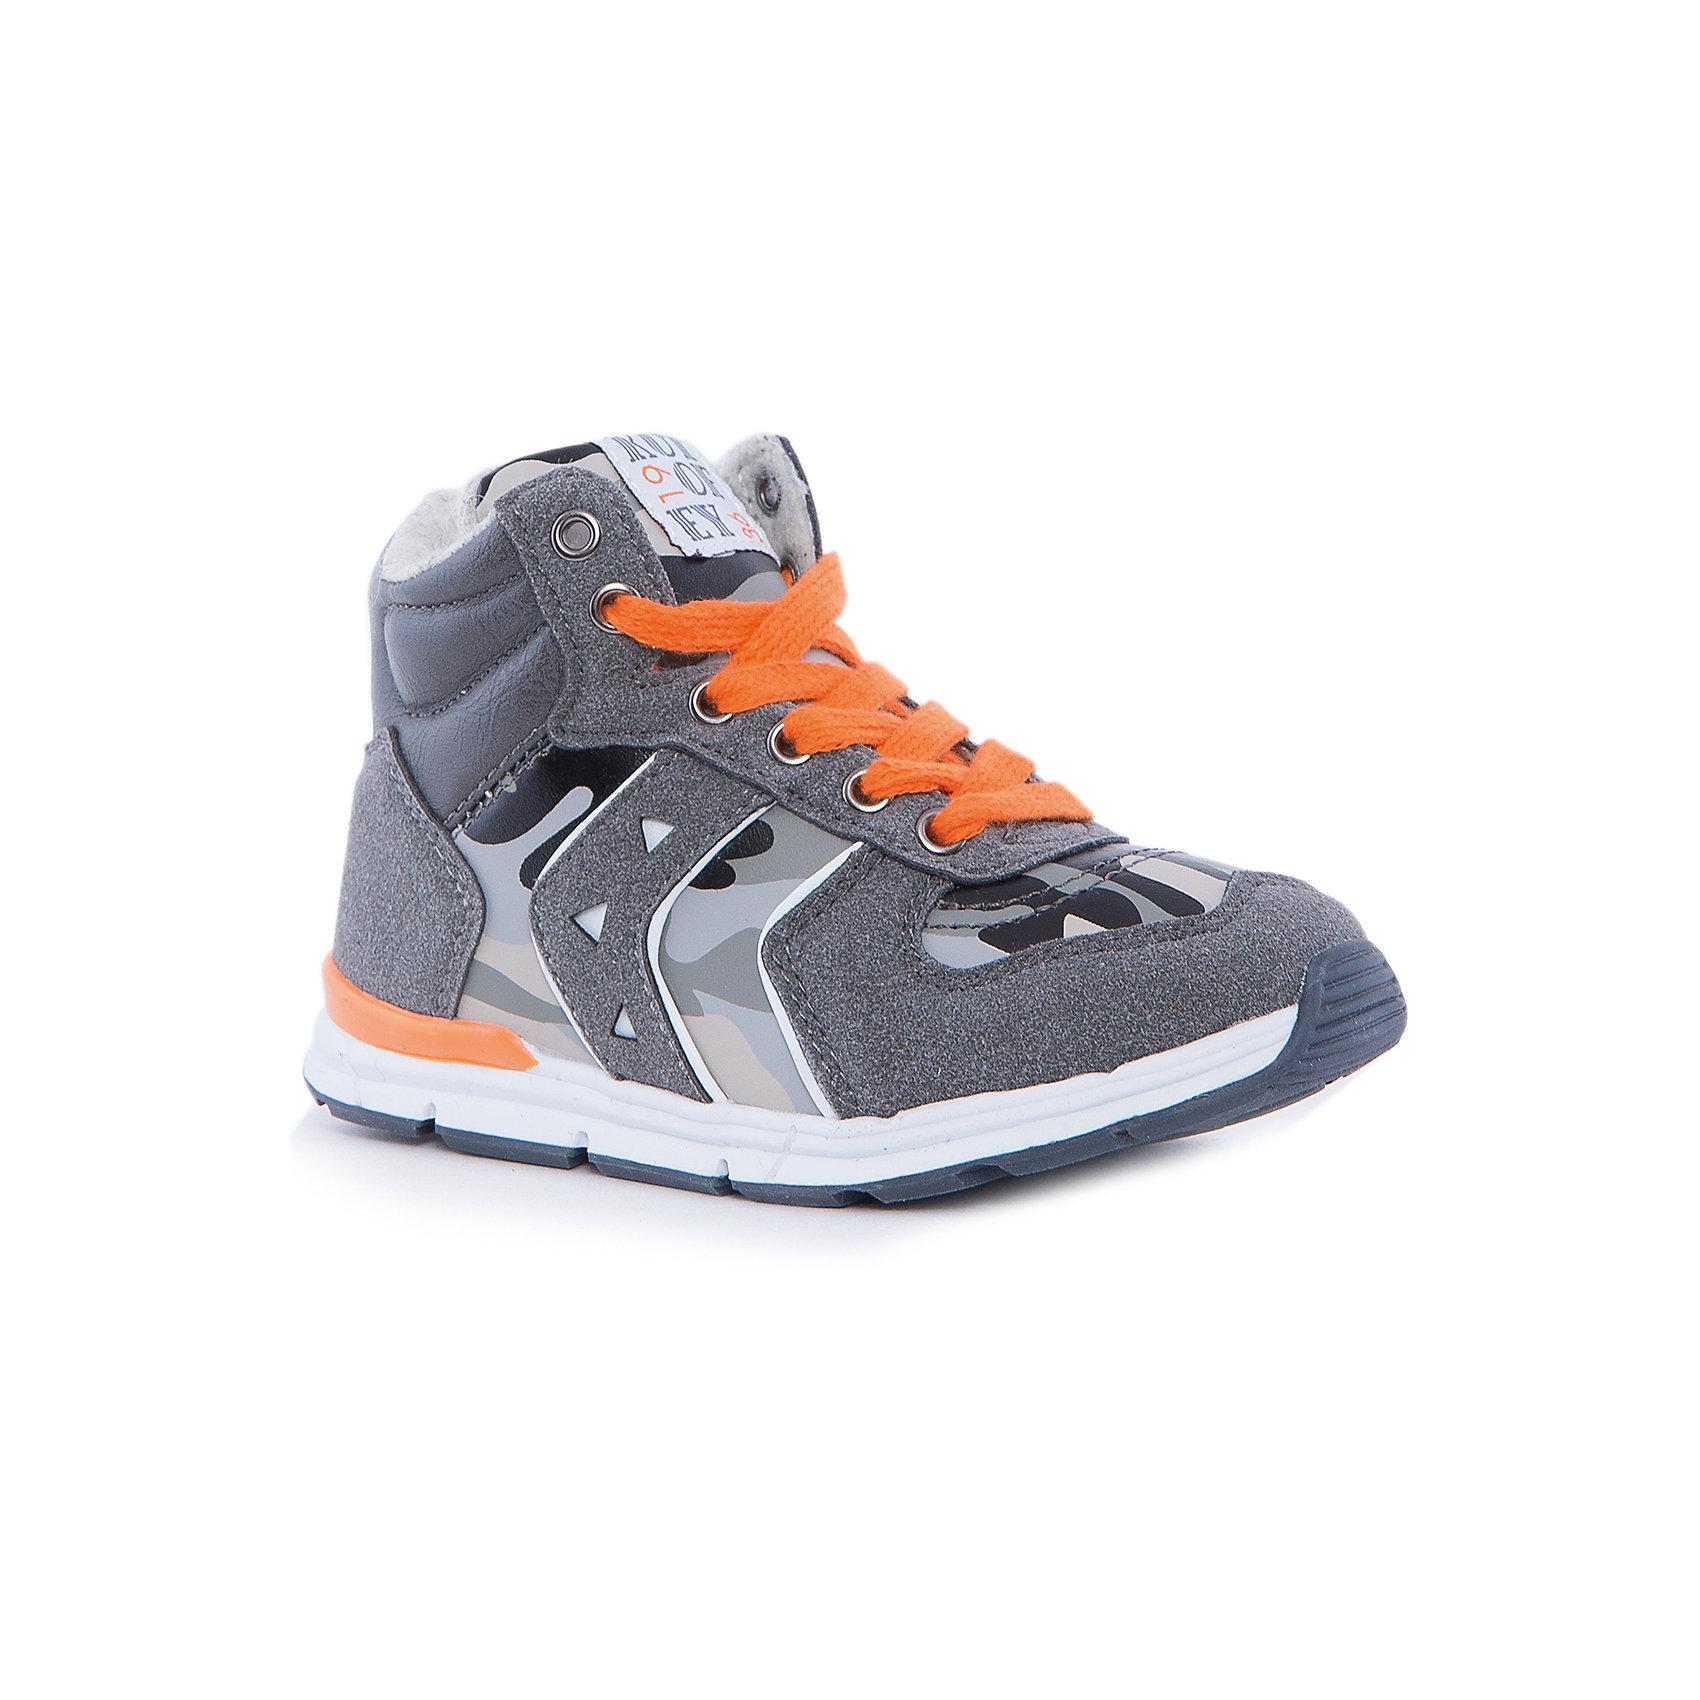 Ботинки для мальчика КотофейКотофей – качественная и стильная детская обувь по доступным ценам. С каждым днем популярность бренда растет.  С наступлением осенних холодов очень важно выбрать удобную и теплую обувь, которая защитит ножки малыша от промокания, а здоровье от простуды. Стильные серые ботинки с оранжевыми элементами и вставками из камуфляжного материала – прекрасный выбор обновки гардероба к новому сезону.  <br><br>Дополнительная информация:<br><br>цвет: серо - оранжевый;<br>вид крепления: на клею;<br>застежка: шнуровка;<br>температурный режим: от 0°С до +15° С.<br><br>Состав:<br>материал верха – комбинированный;<br>материал подклада – байка;<br>подошва – ТЭП.<br><br>Осенние ботиночки для мальчика дошкольного возраста из искусственной кожи от фирмы Котофей можно приобрести в нашем магазине.<br><br>Ширина мм: 262<br>Глубина мм: 176<br>Высота мм: 97<br>Вес г: 427<br>Цвет: серый/оранжевый<br>Возраст от месяцев: 24<br>Возраст до месяцев: 24<br>Пол: Мужской<br>Возраст: Детский<br>Размер: 25,27,29,28,26<br>SKU: 4982038